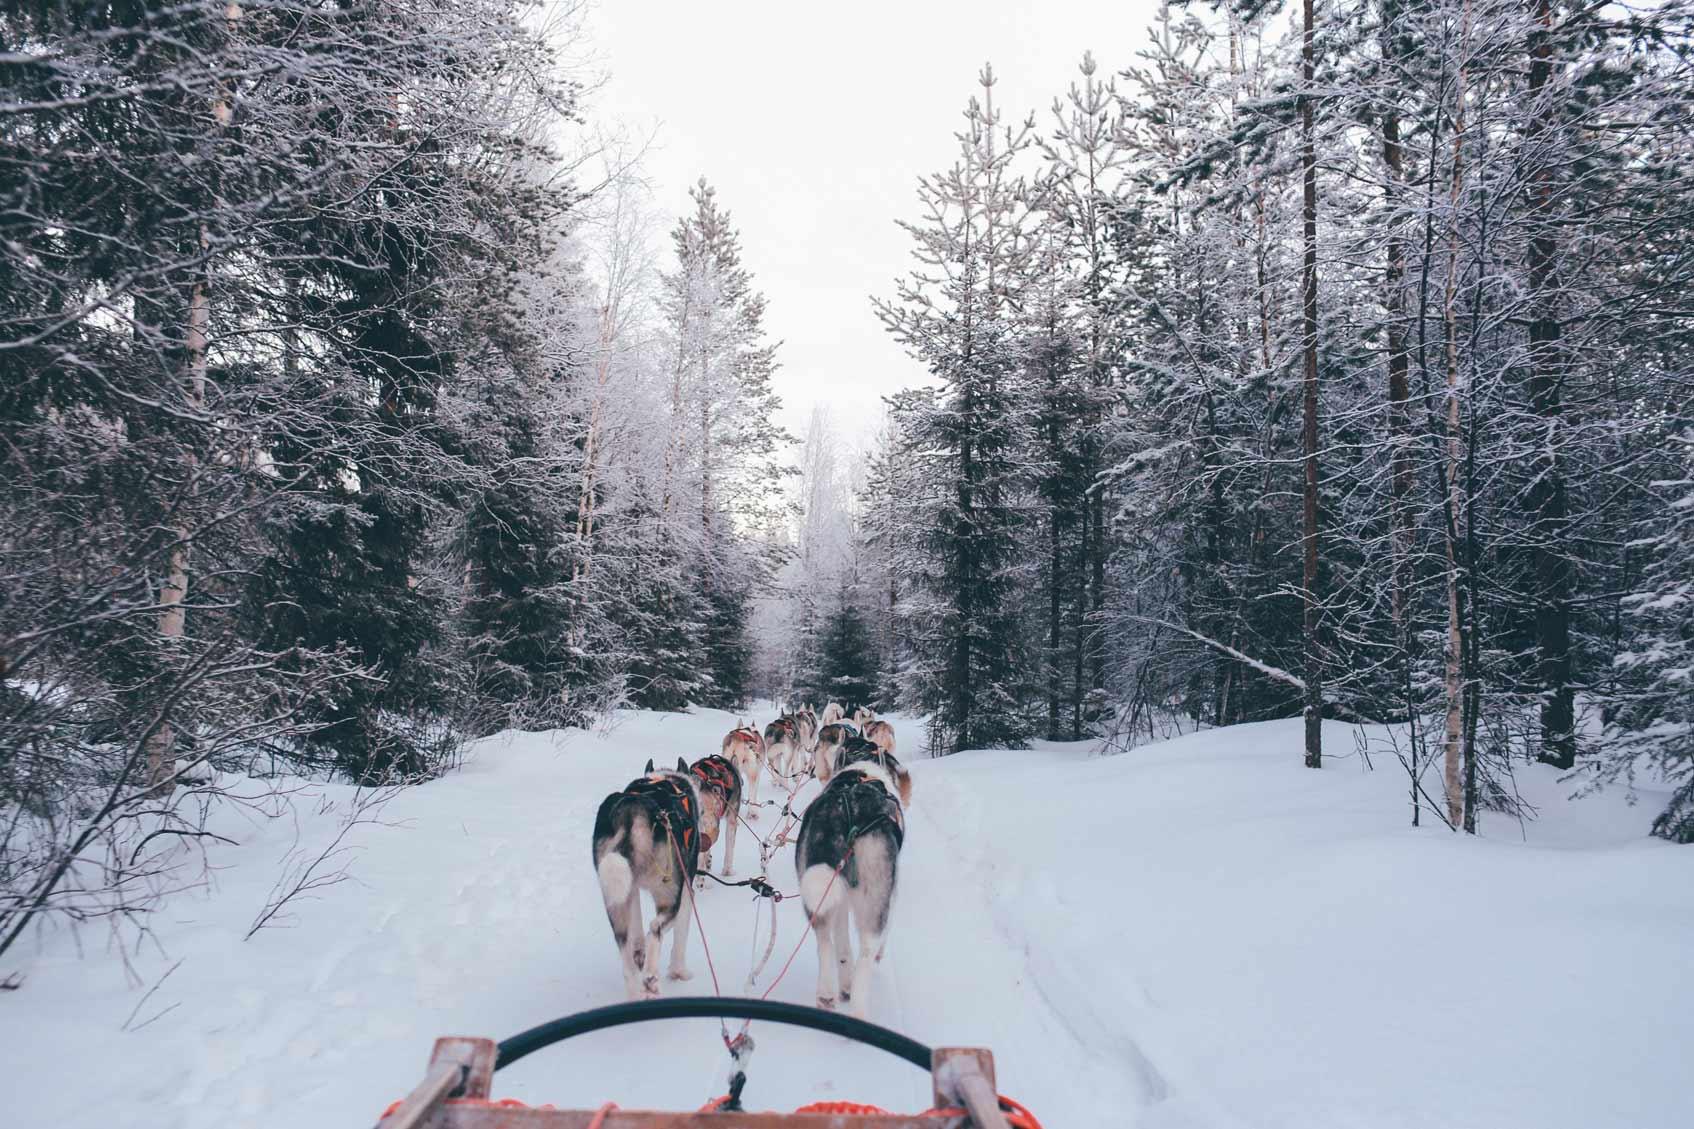 зимняя упряжка с собаками